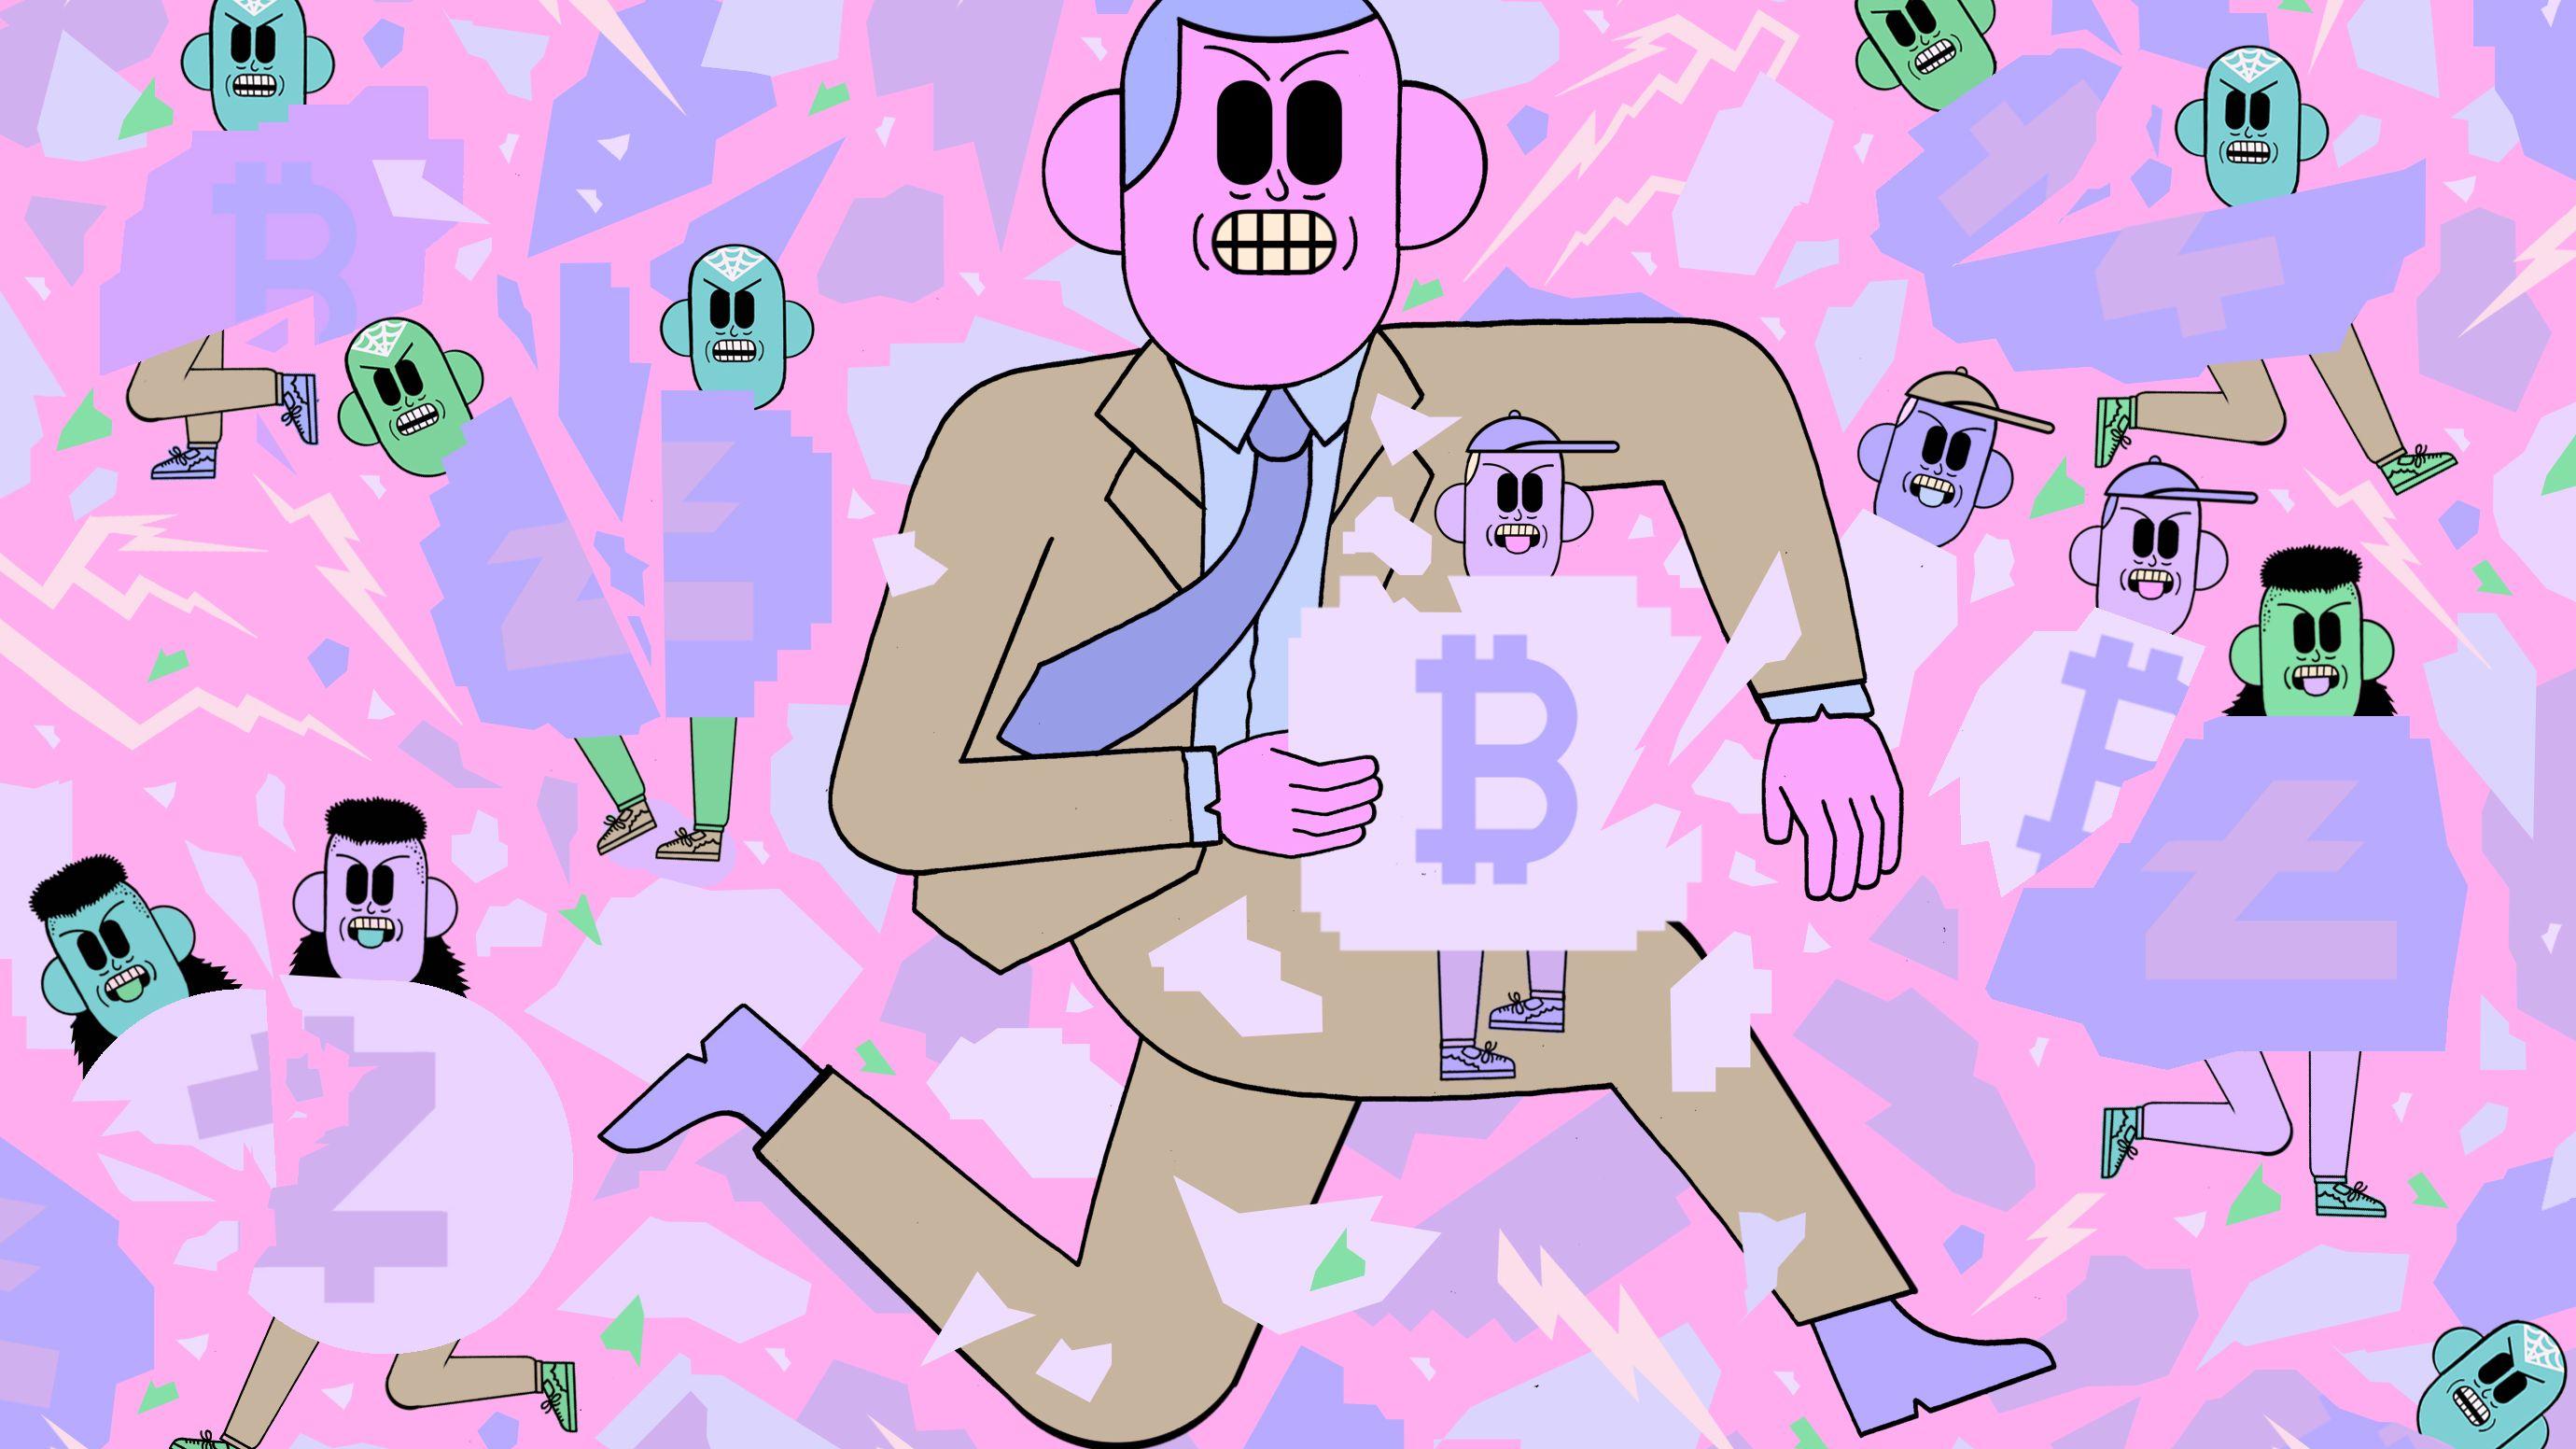 脱税か? 過払いか? 暗号通貨への課税をめぐって米国で混乱